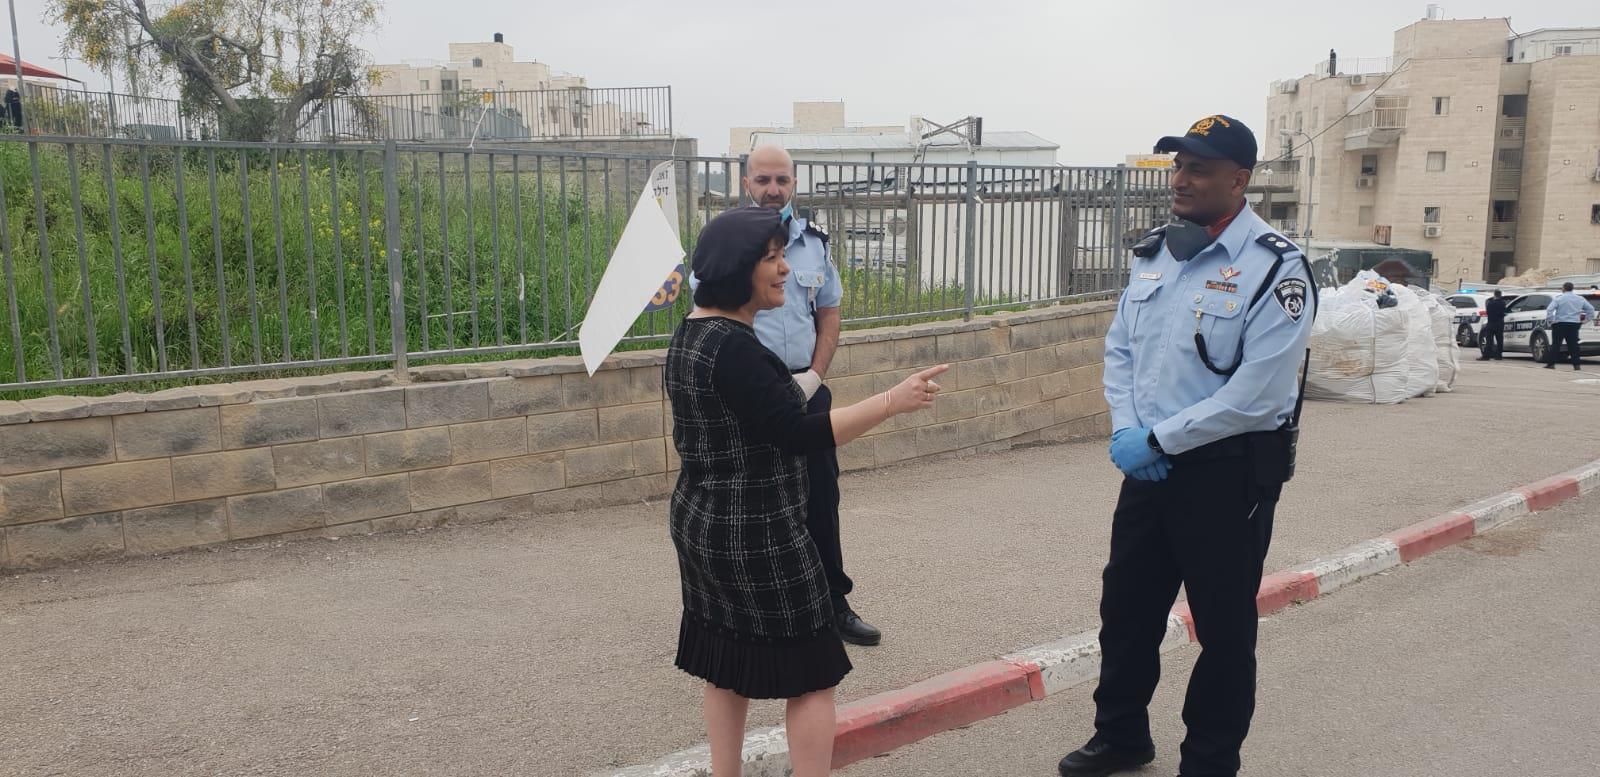 ראש העיר עליזה בלוך עם מפקד תחנת משטרת בית שמש (צילום: באדיבות עיריית בית שמש)